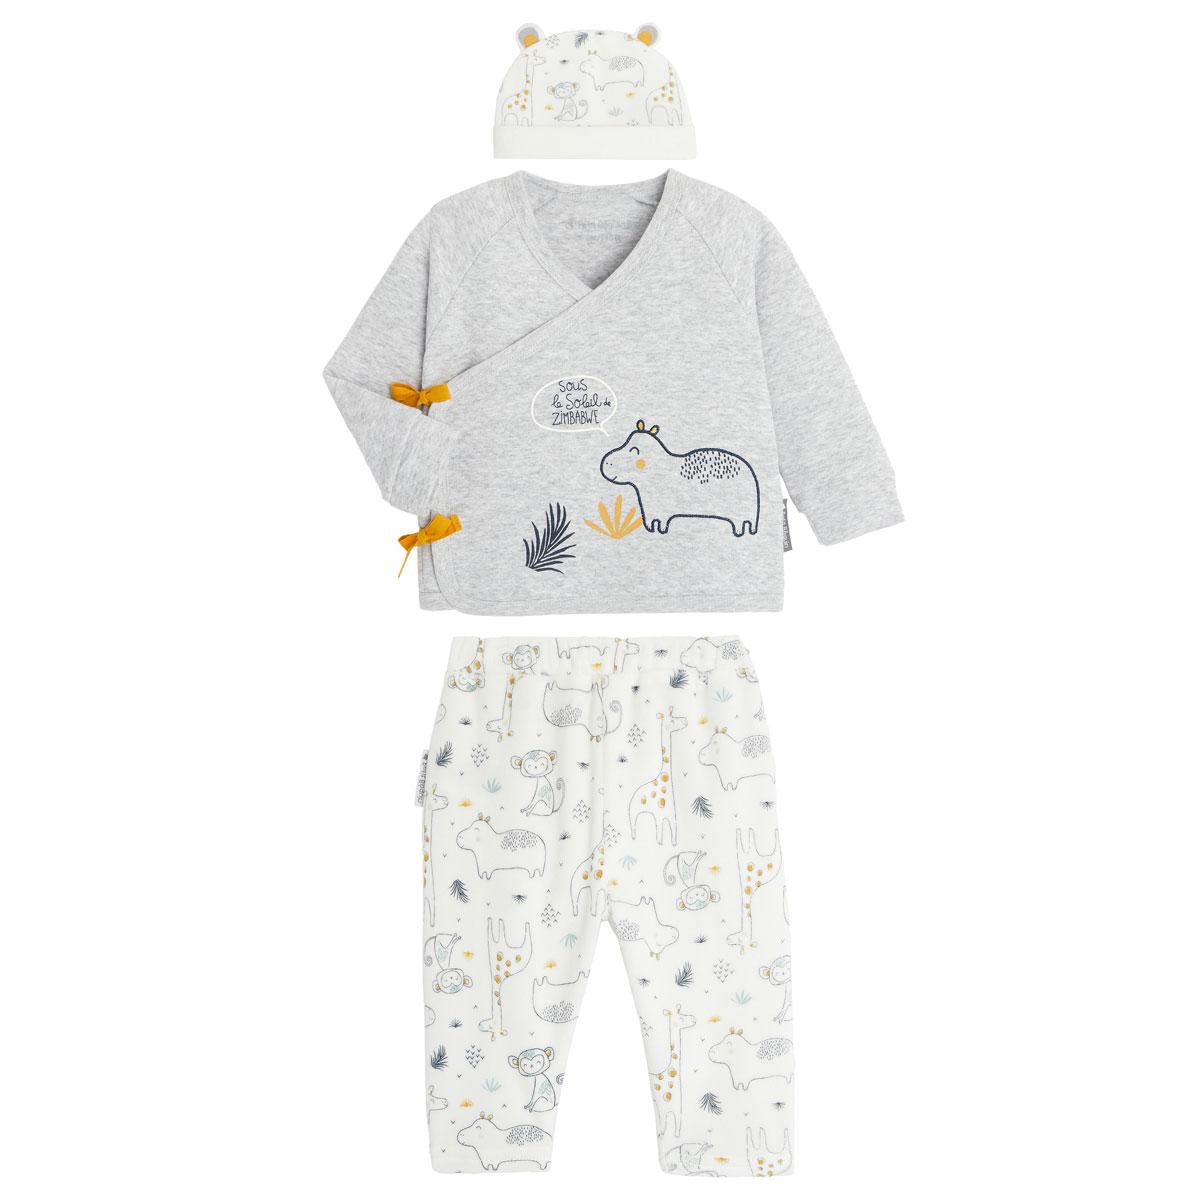 Ensemble bébé garçon gilet croisé et pantalon contenant du coton bio Sous le soleil